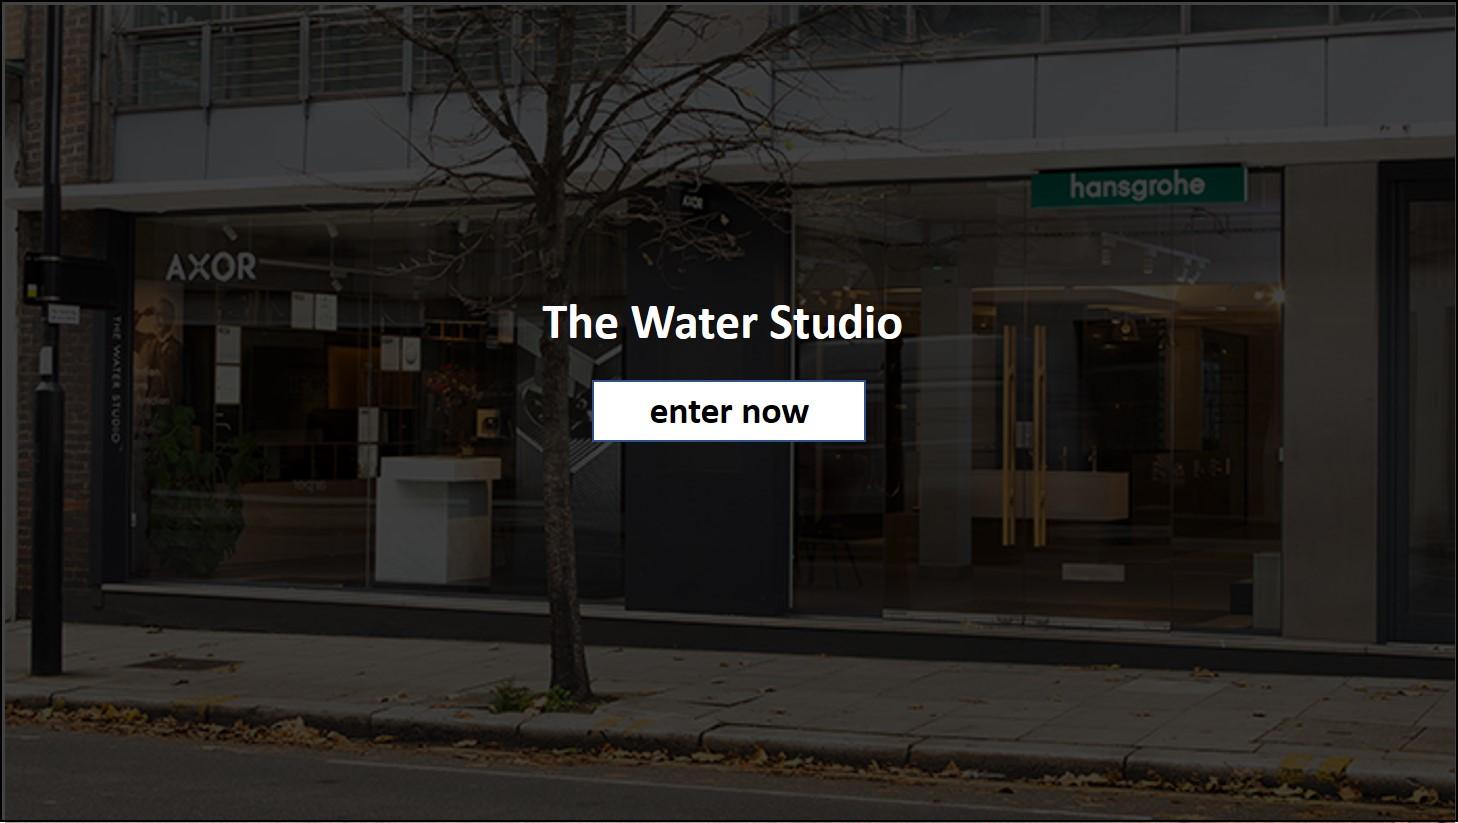 Virtual tour through The Water Studio